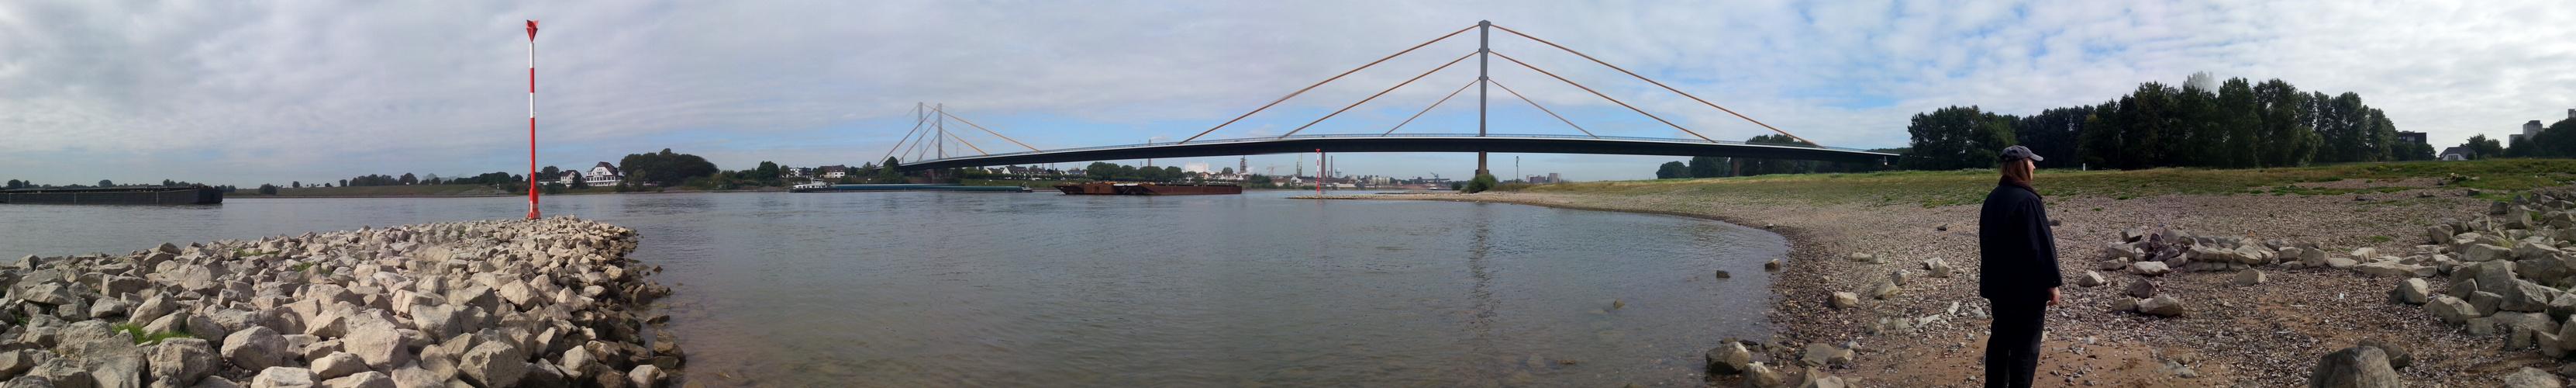 Der Rhein bei Duisburg Neuenkamp